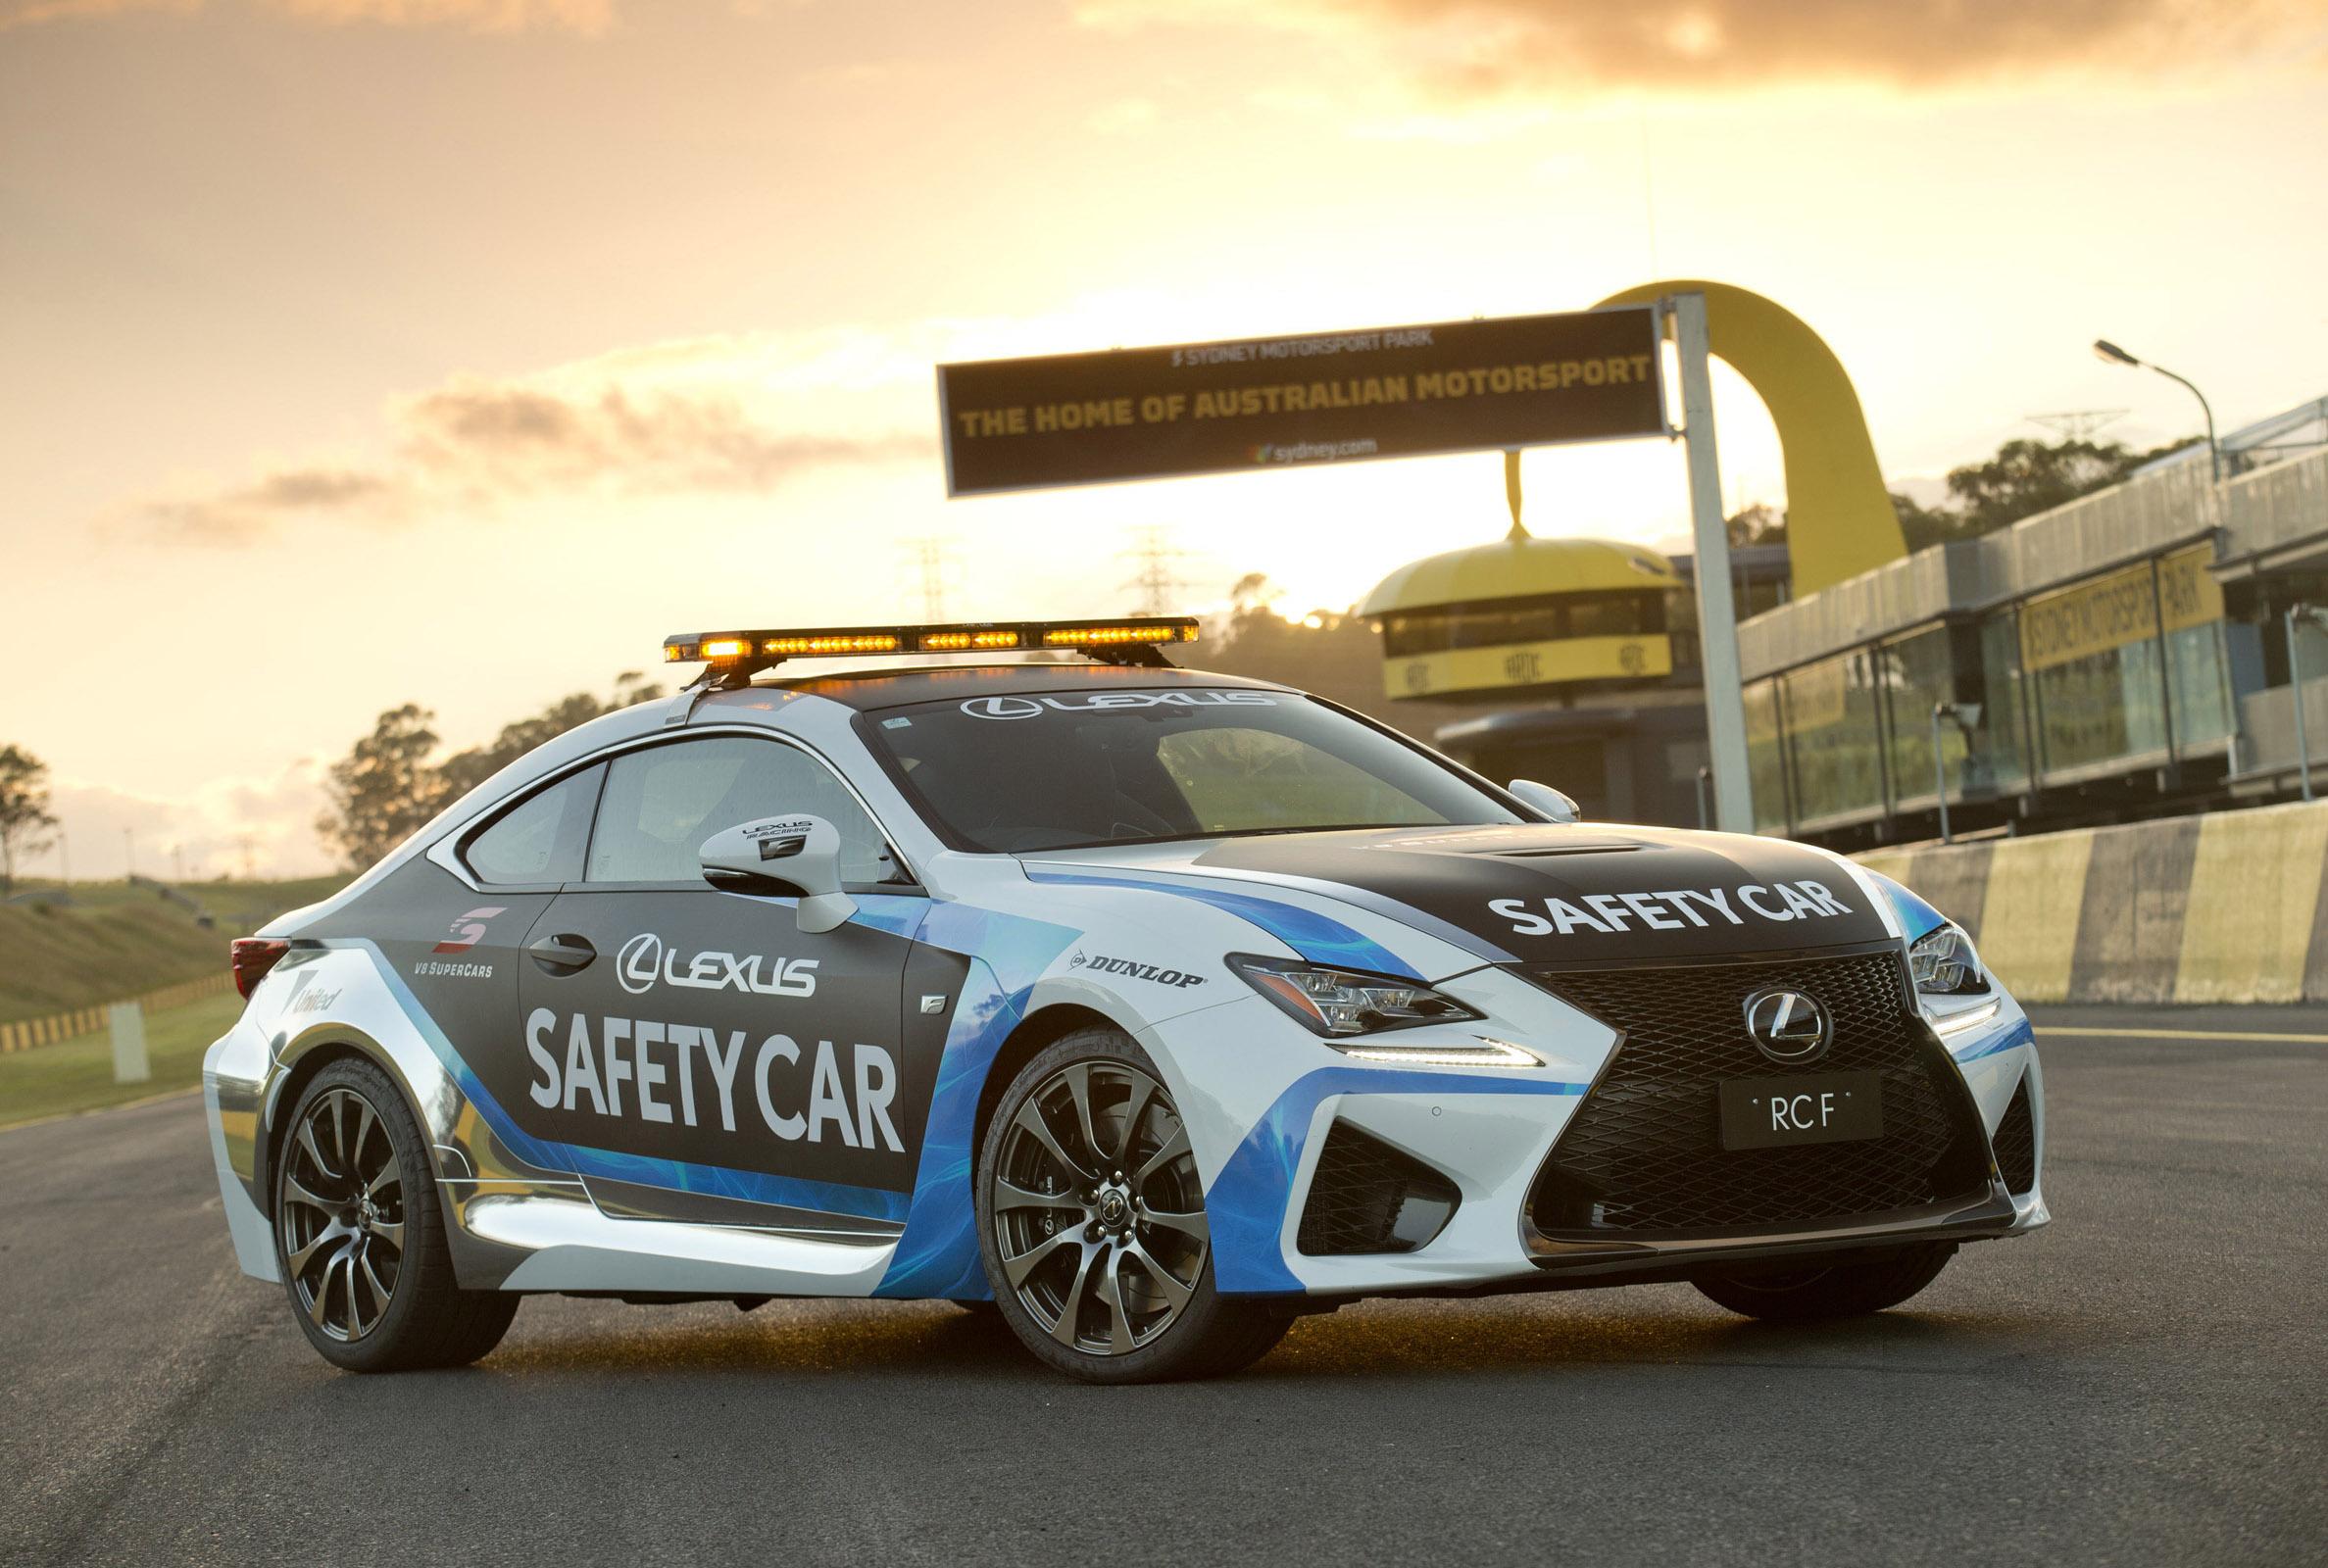 2015 Lexus RC F Safety Car